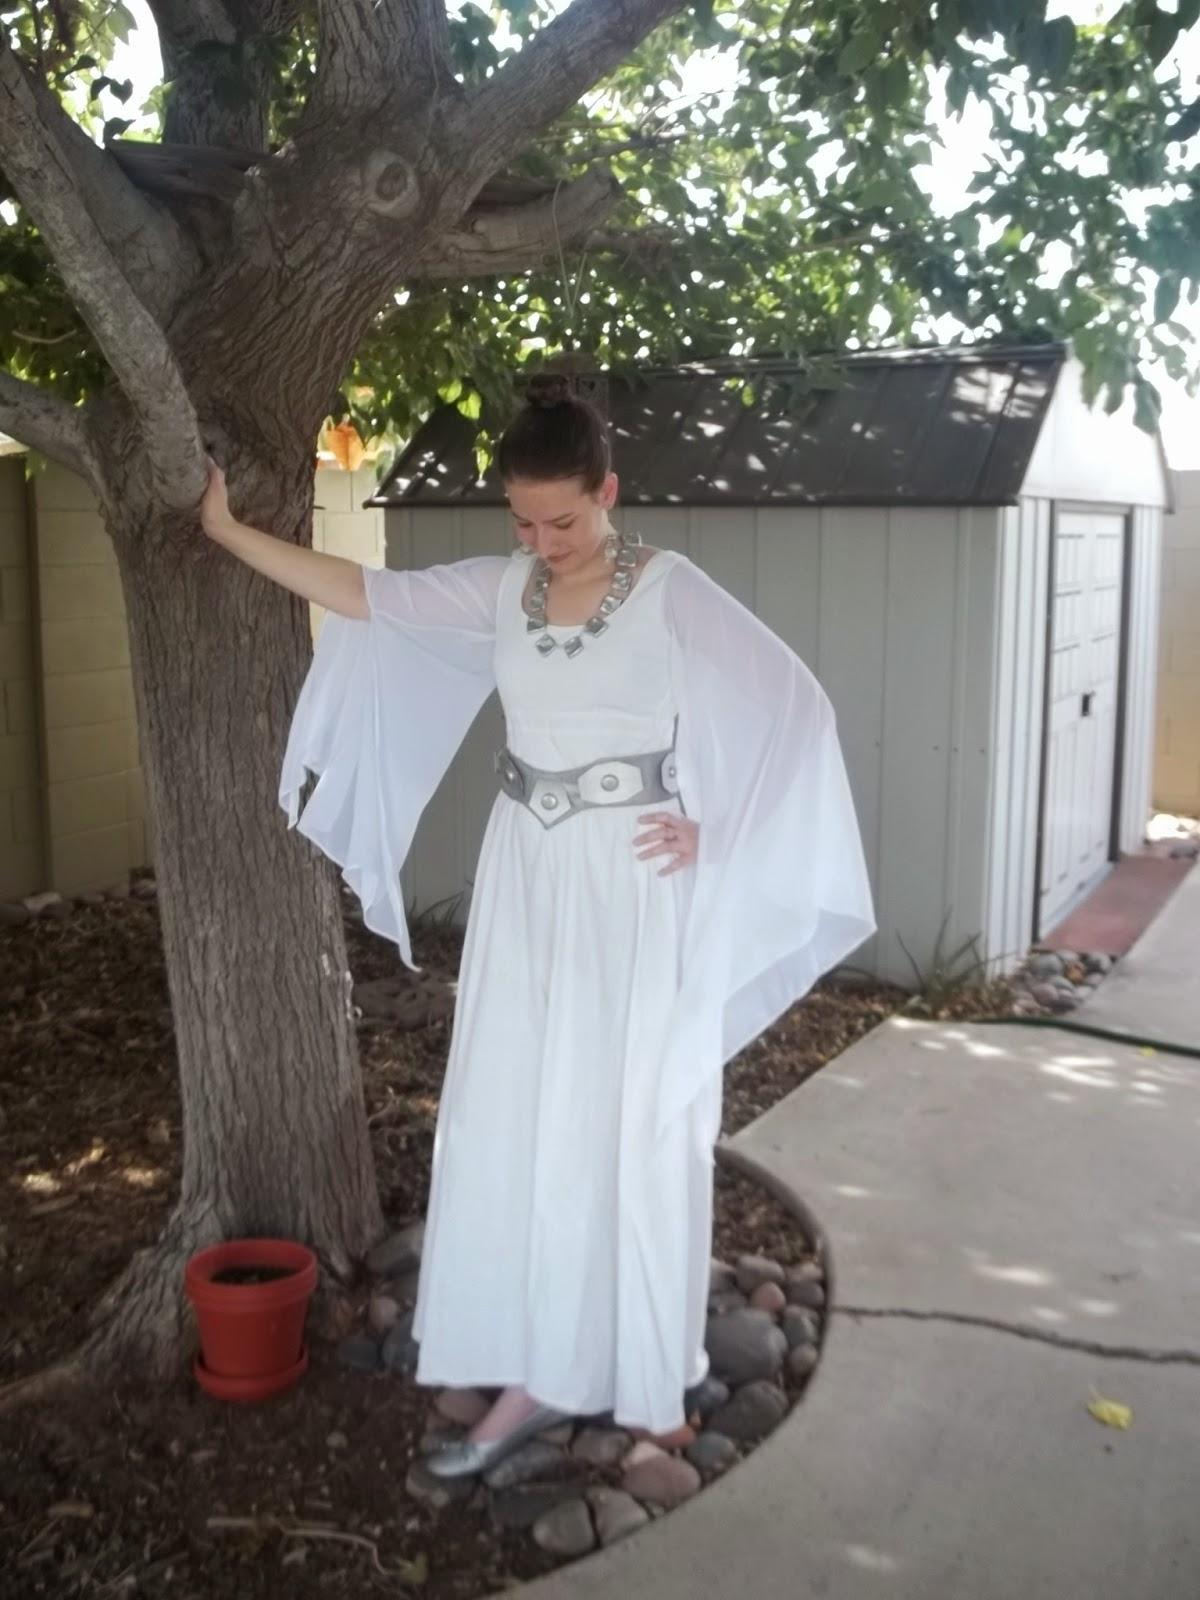 Making Rivendell in the Desert: Princess Leia\'s Ceremonial Dress